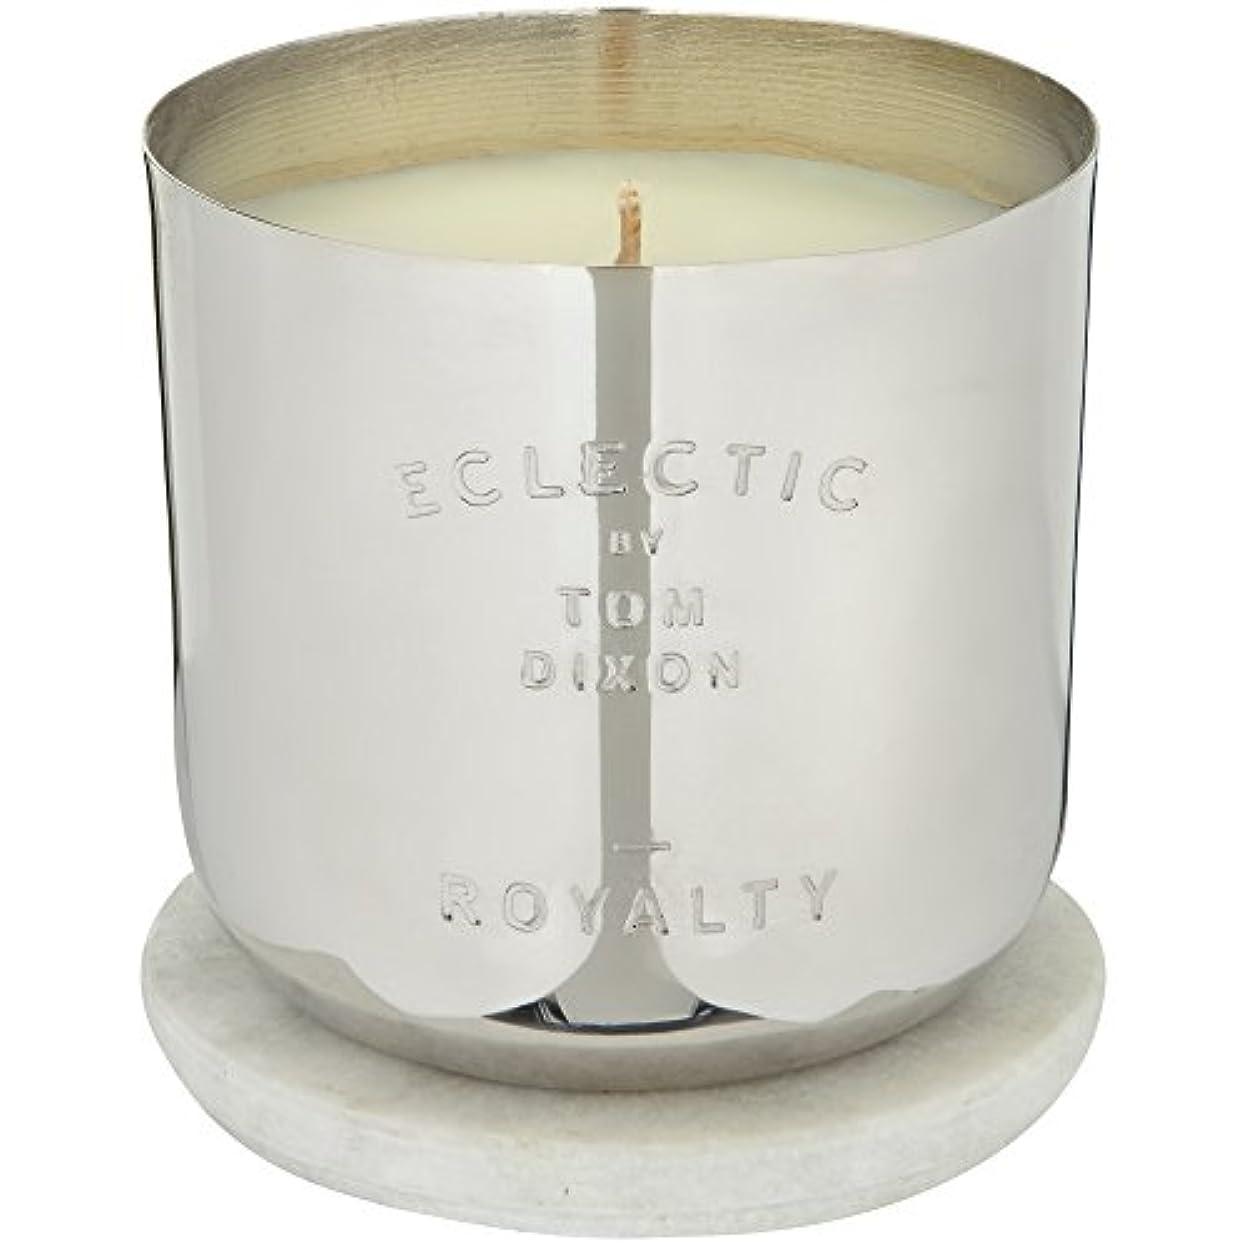 収容する不適りんごトム?ディクソンロイヤリティ香りのキャンドル x6 - Tom Dixon Royalty Scented Candle (Pack of 6) [並行輸入品]